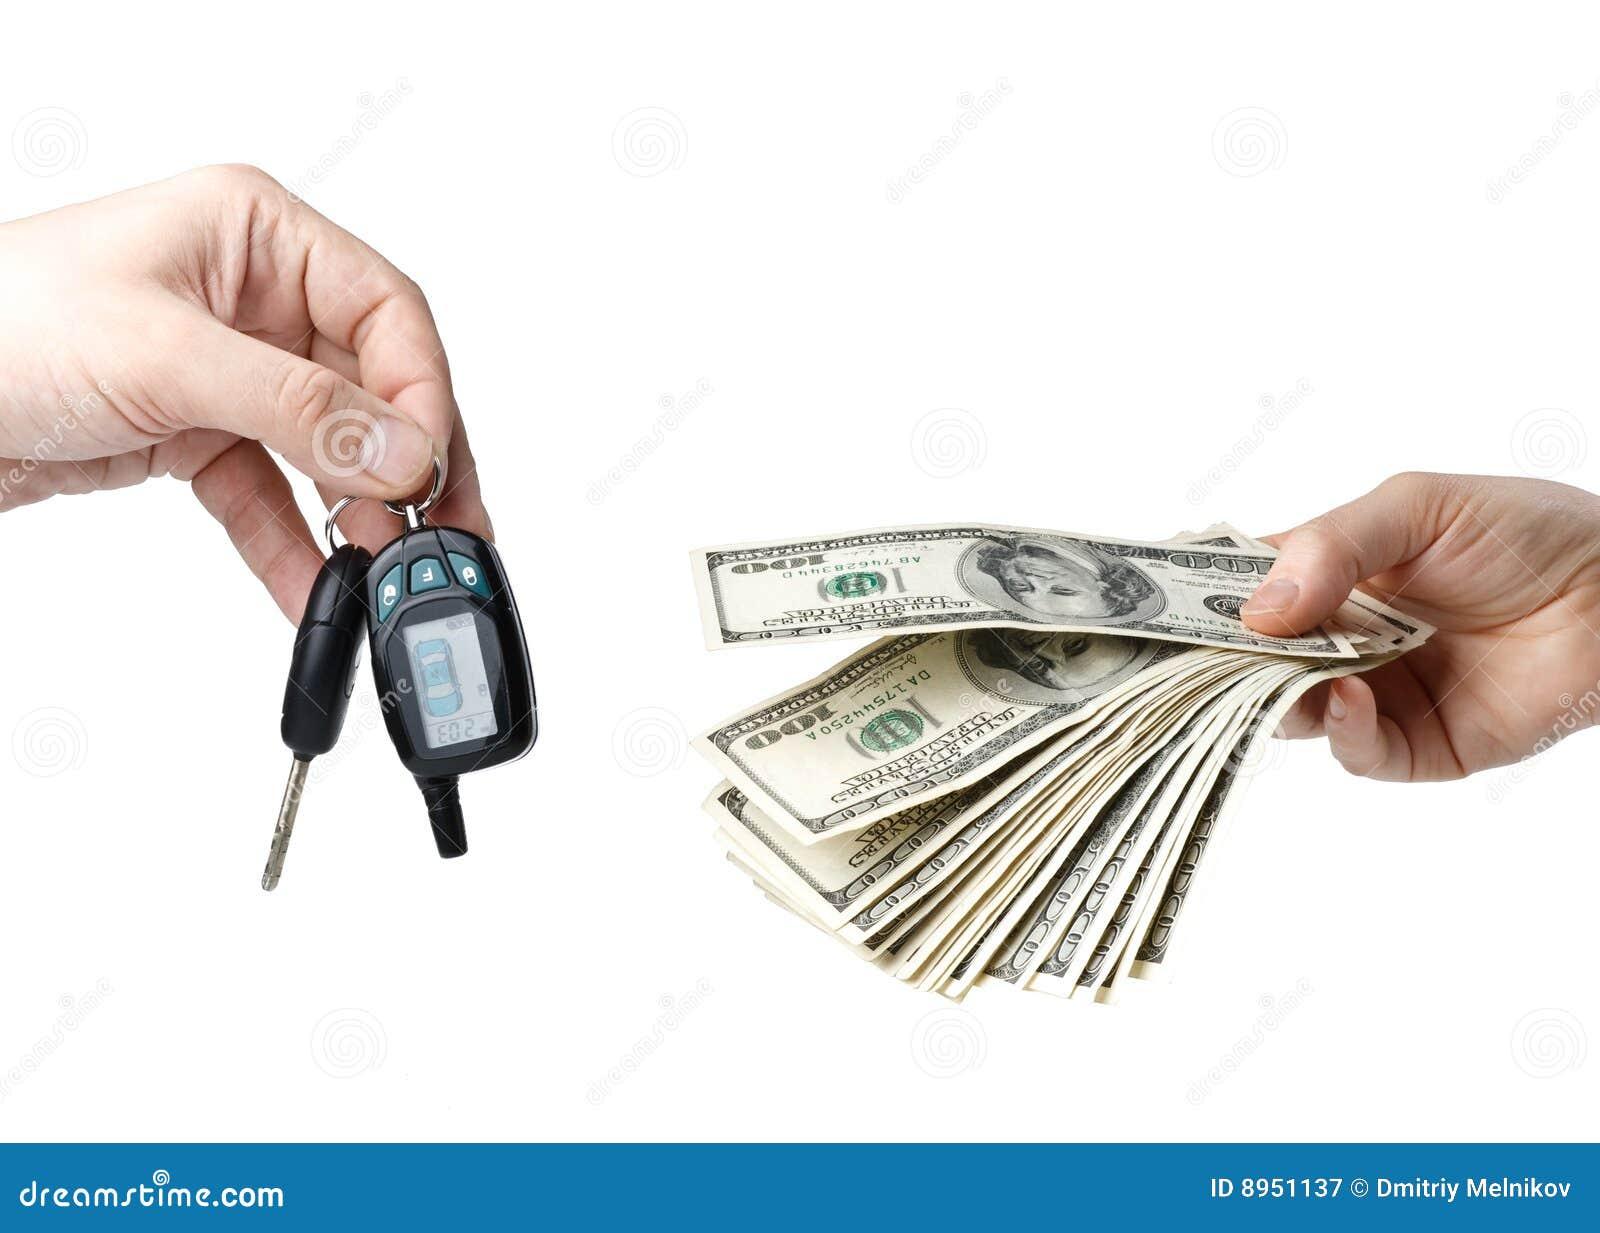 car hand keys money 8951137. Black Bedroom Furniture Sets. Home Design Ideas